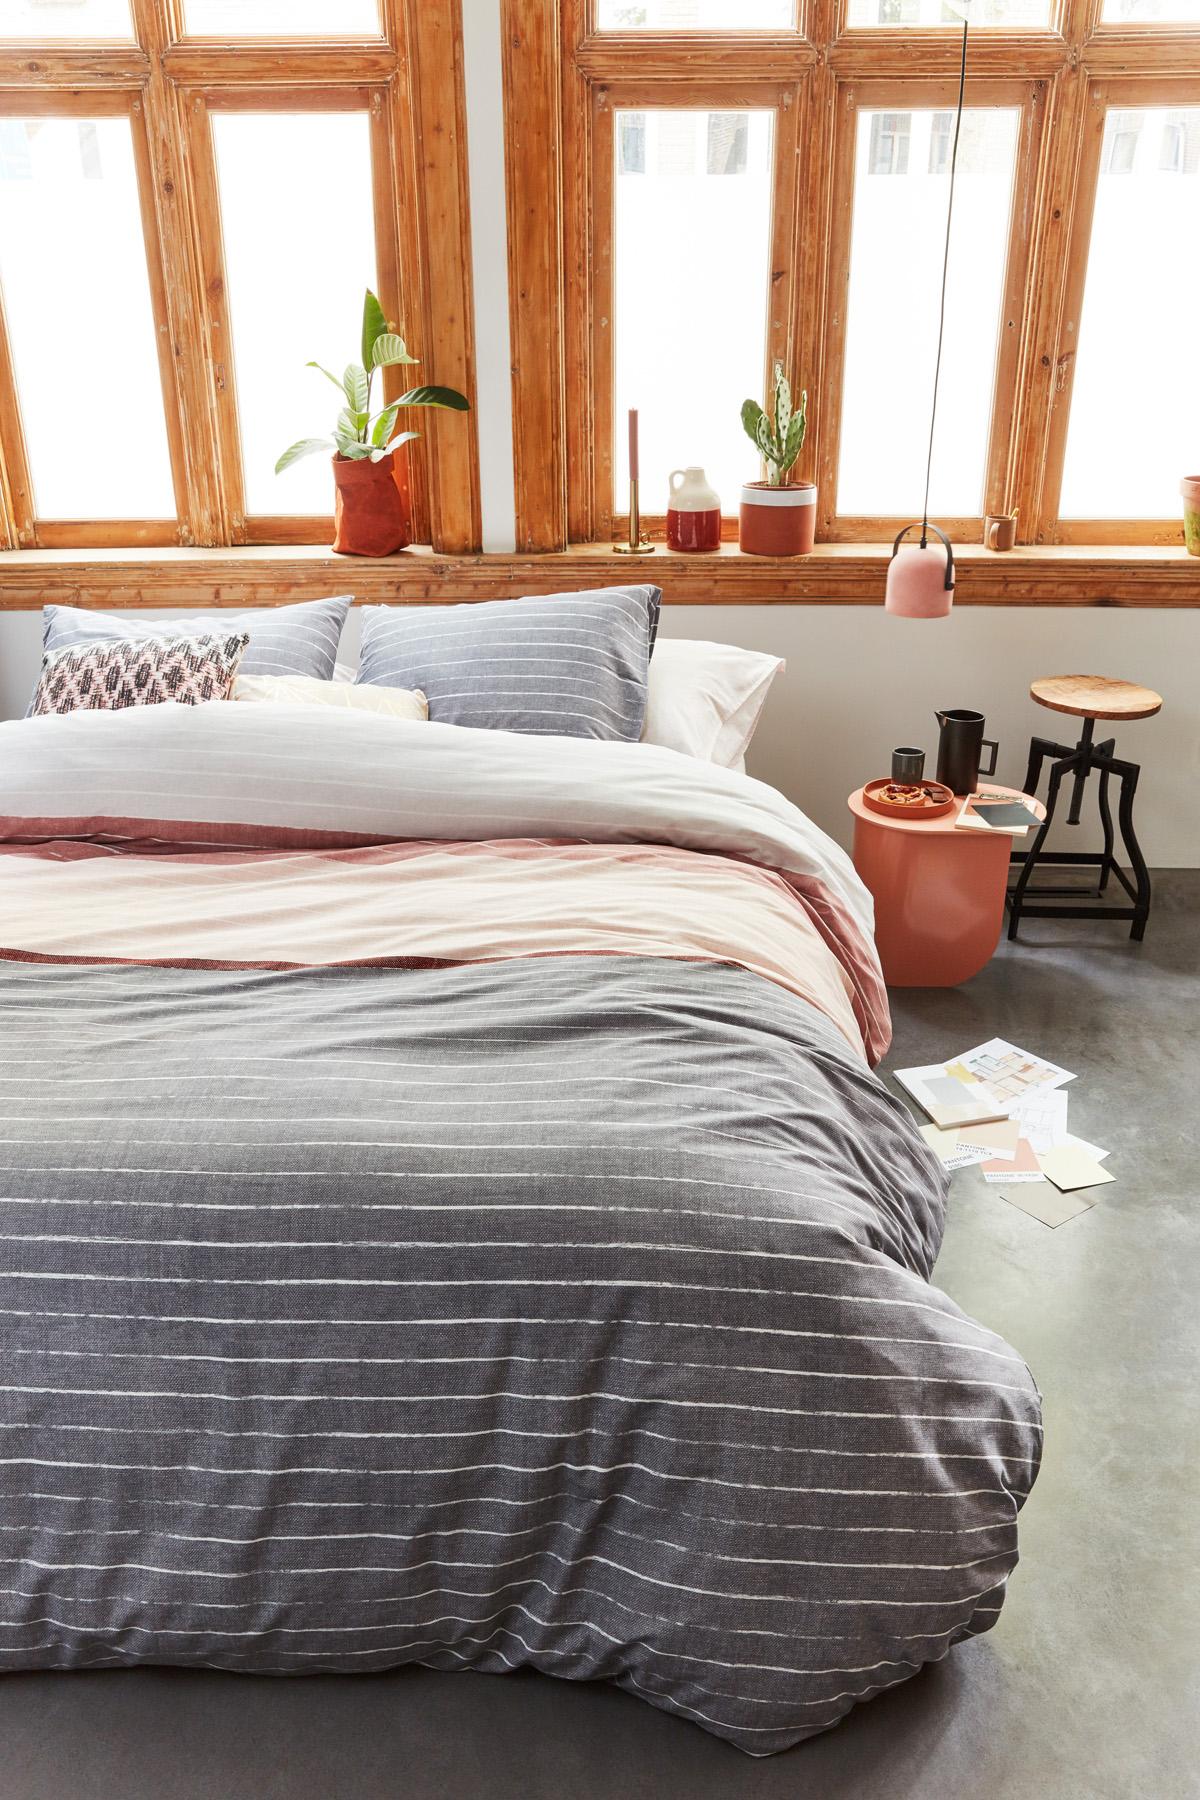 Beddinghouse dekbedovertrek story Toffee to Coffee #slaapkamer #inspiratie #wooninspiratie